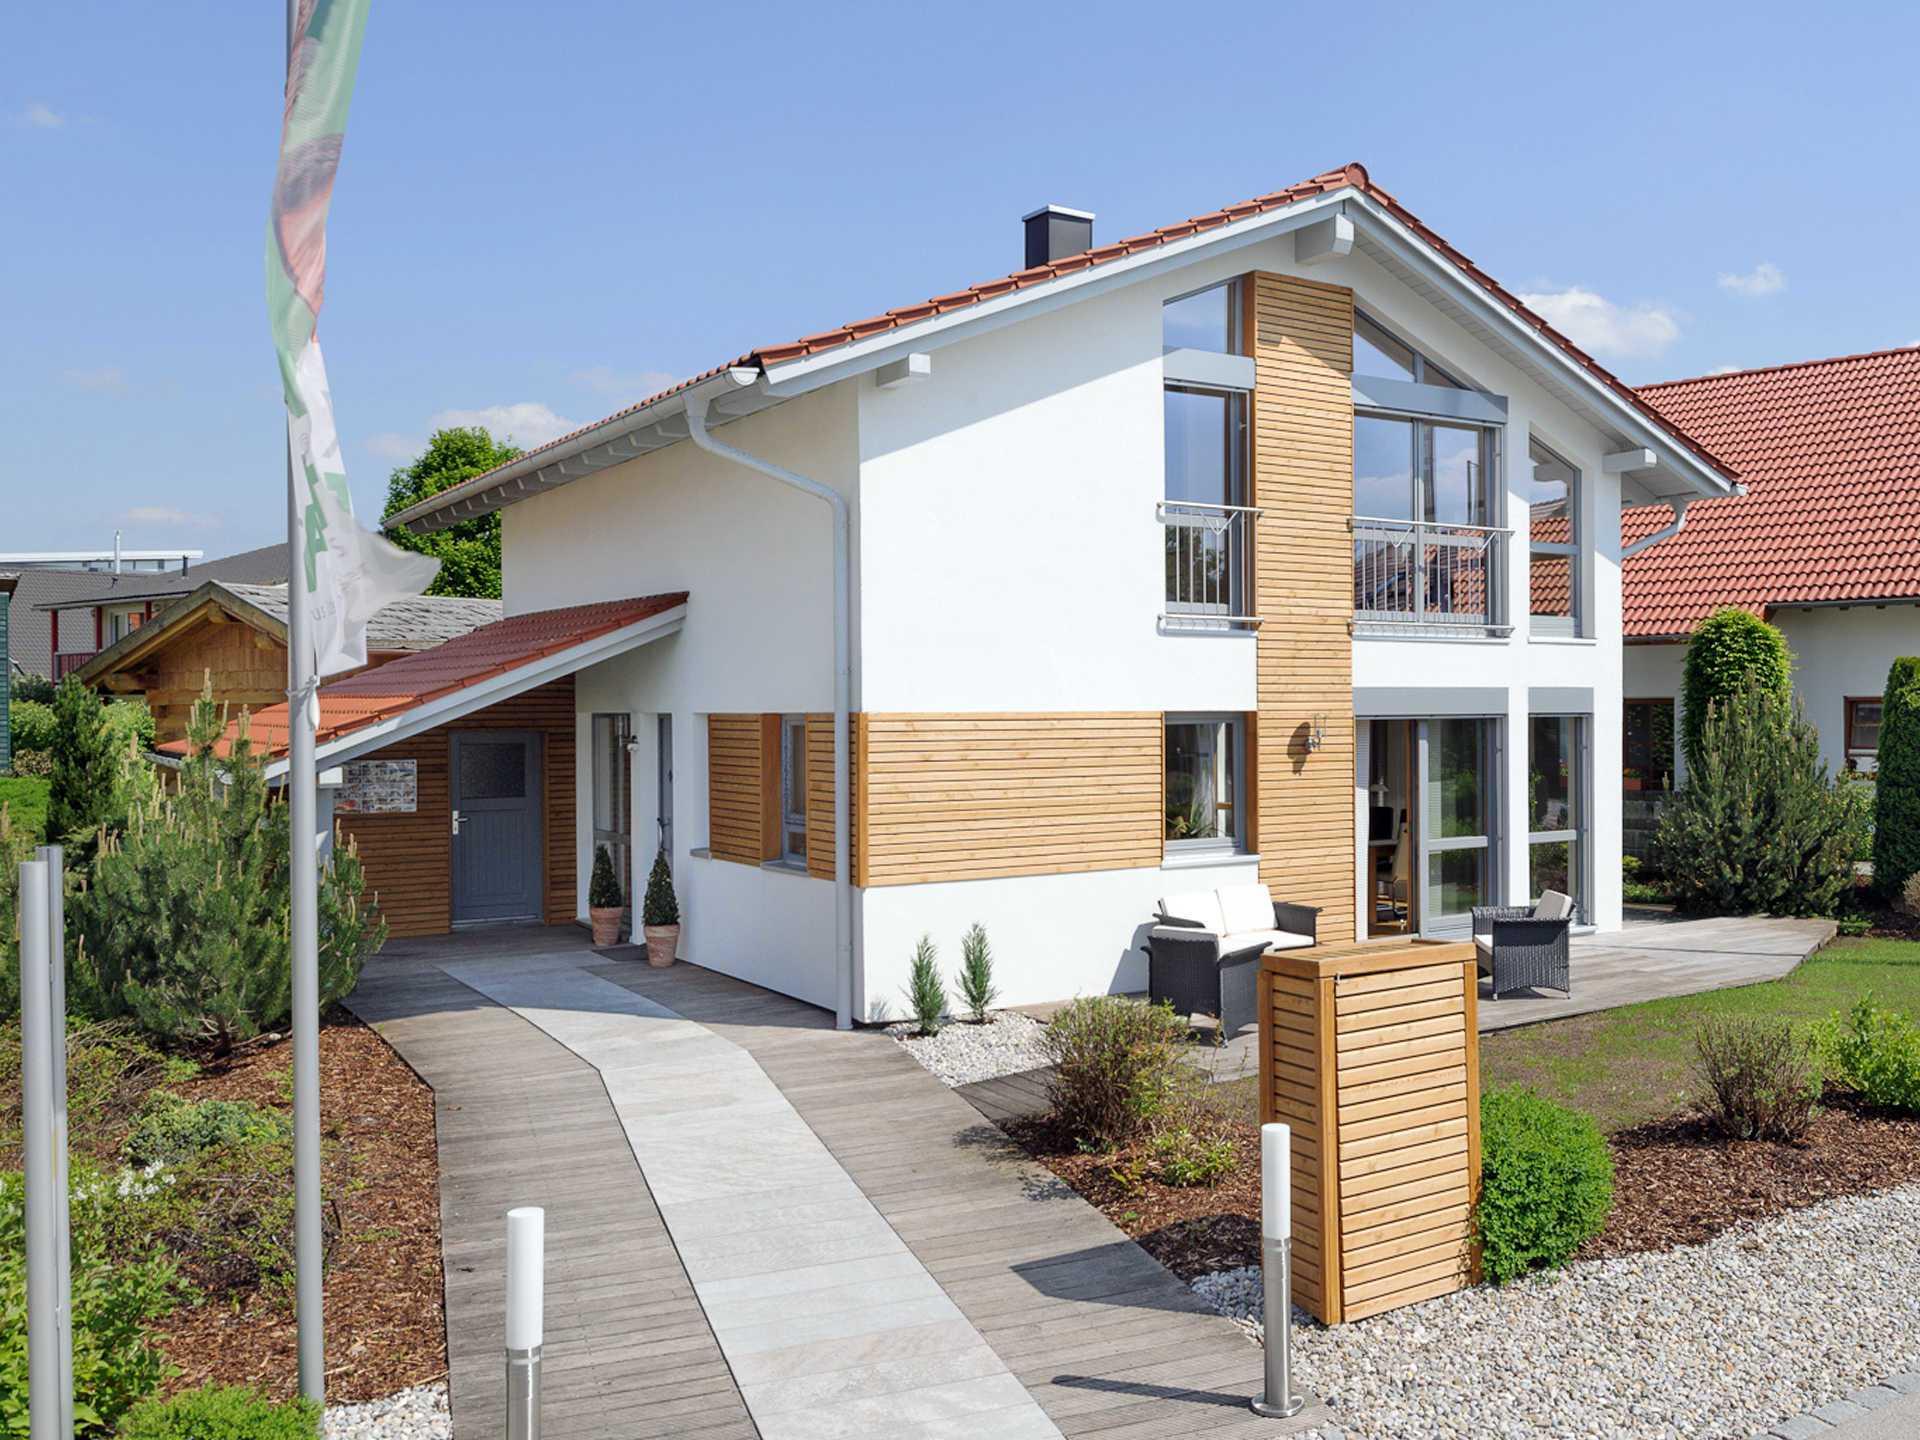 Musterhaus Poing Albert Haus Musterhausnet